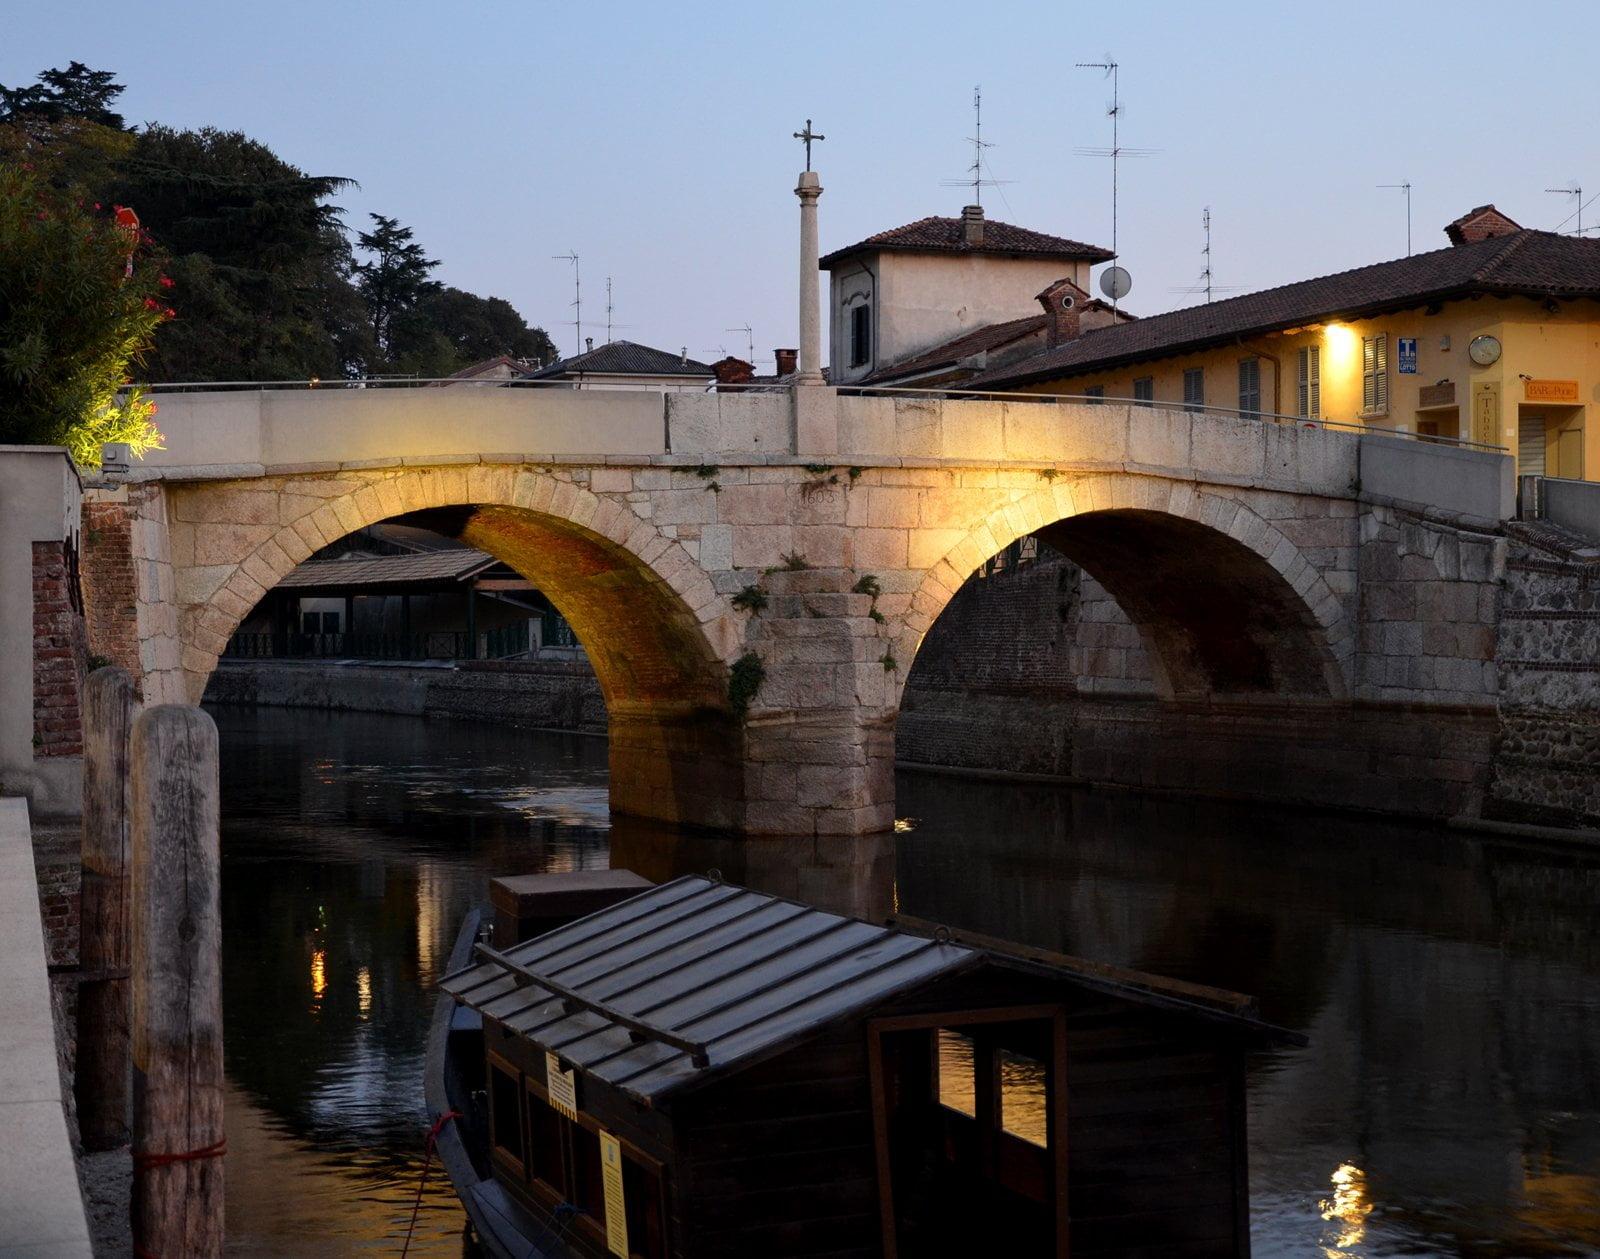 Boffalora Sopra Ticino ed il Naviglio Grande